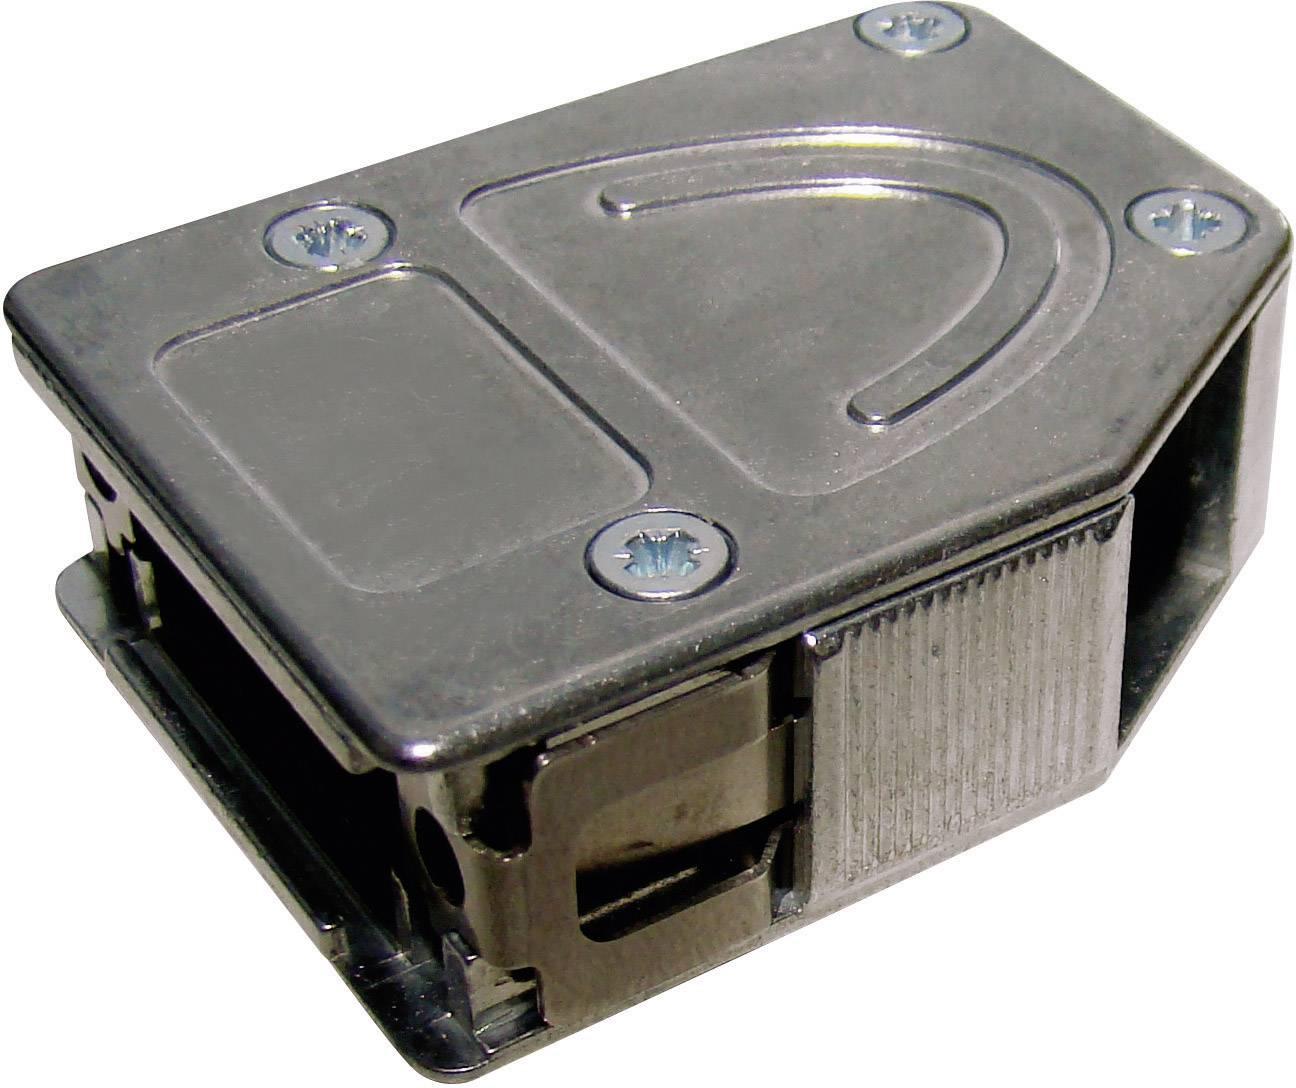 D-SUB pouzdro Provertha 10415DC001 10415DC001, Pólů: 15, kov, 180 °, 45 °, 45 °, stříbrná, 1 ks